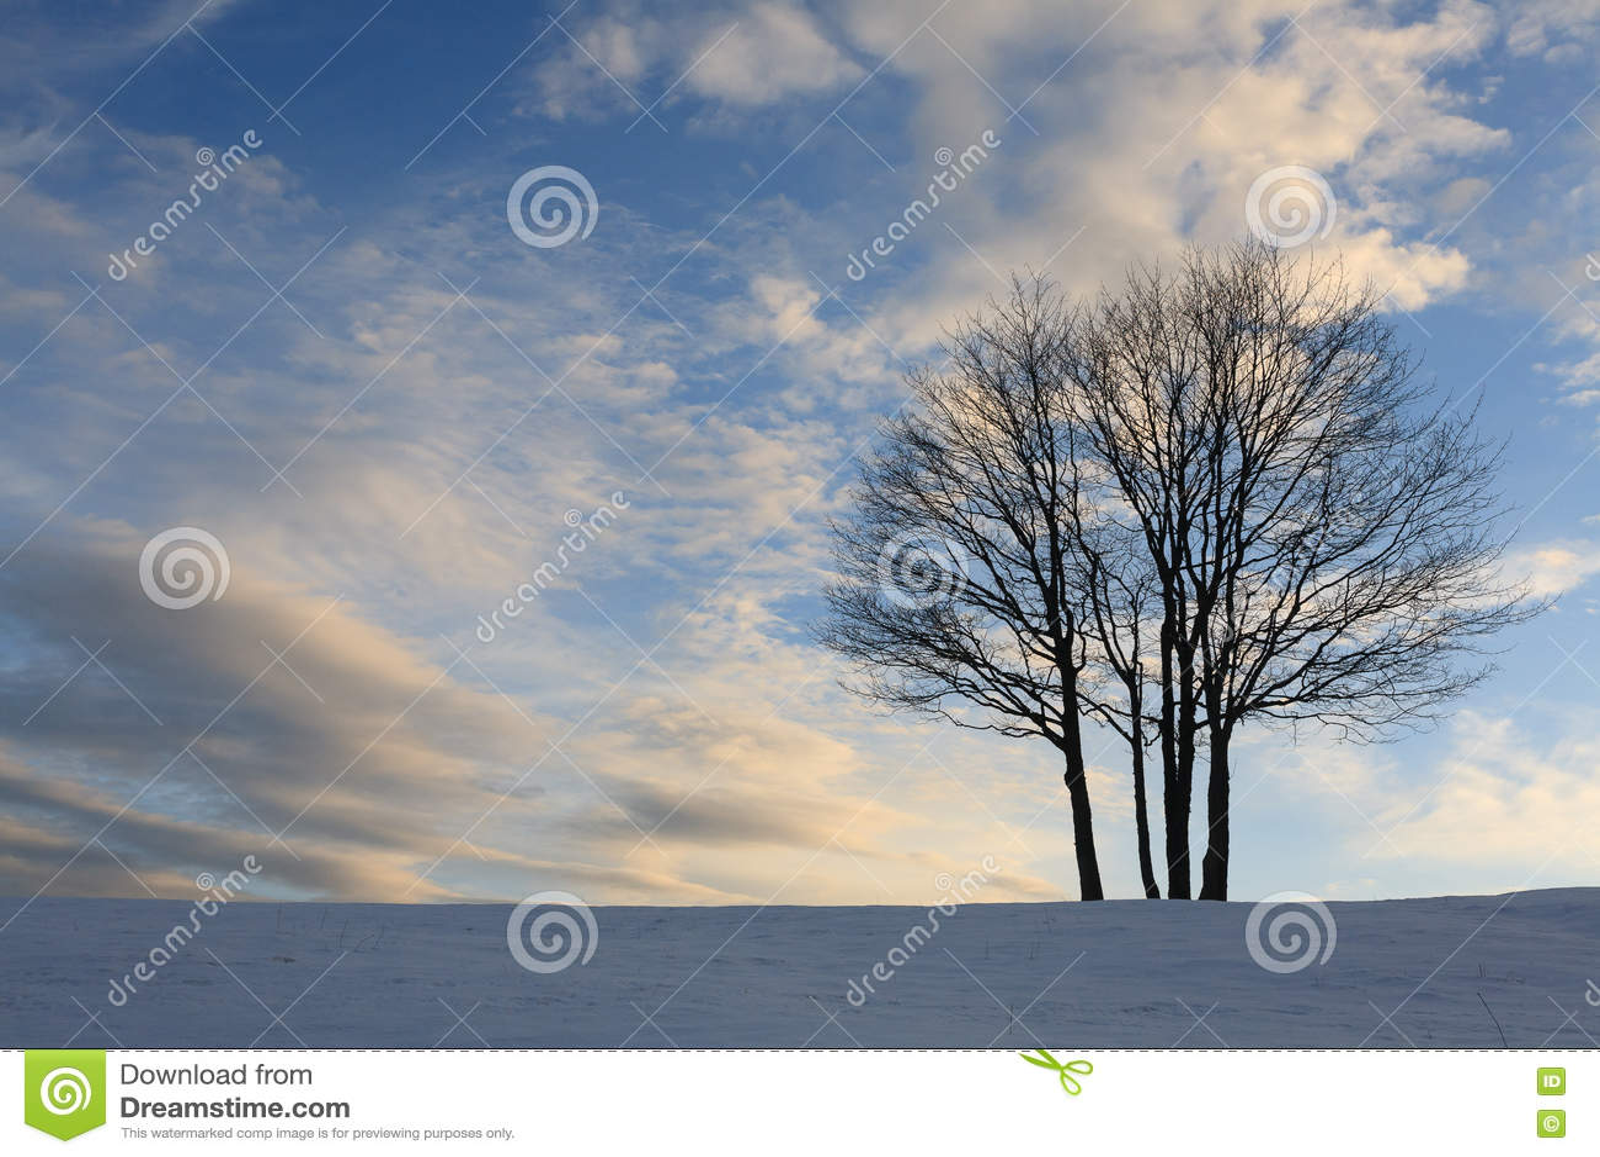 Изолированное дерево над голубым небом amden зона около зимы Швейцарии катания на лыжах панорамы